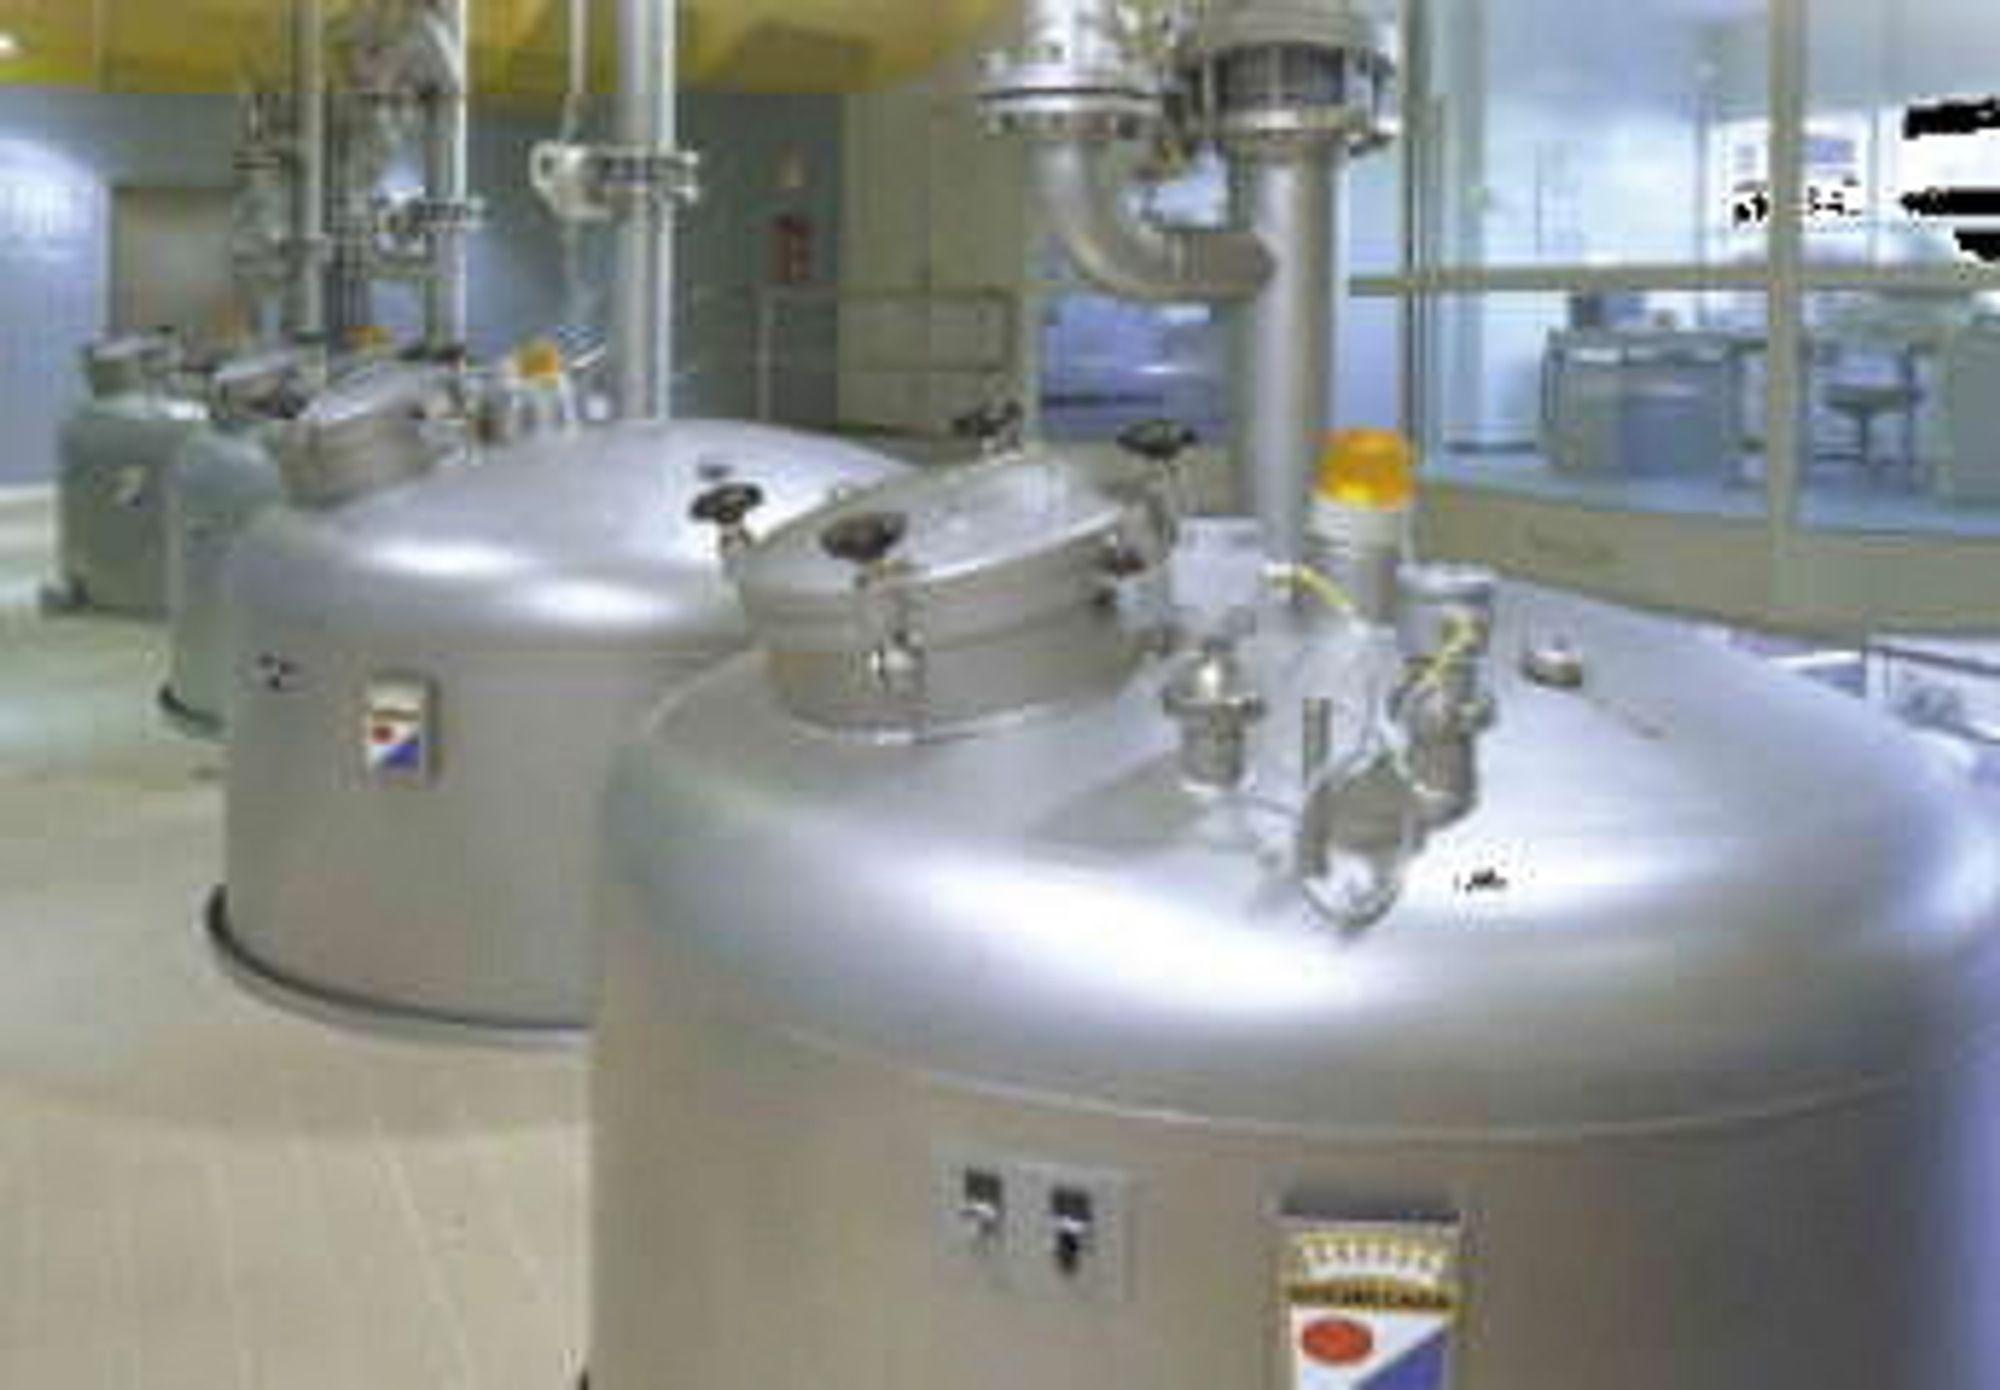 Tanker må tømmes og rengjøres for sikker bakteriesporing av hver masseplugg/batch (Ill. Endress+Hauser).